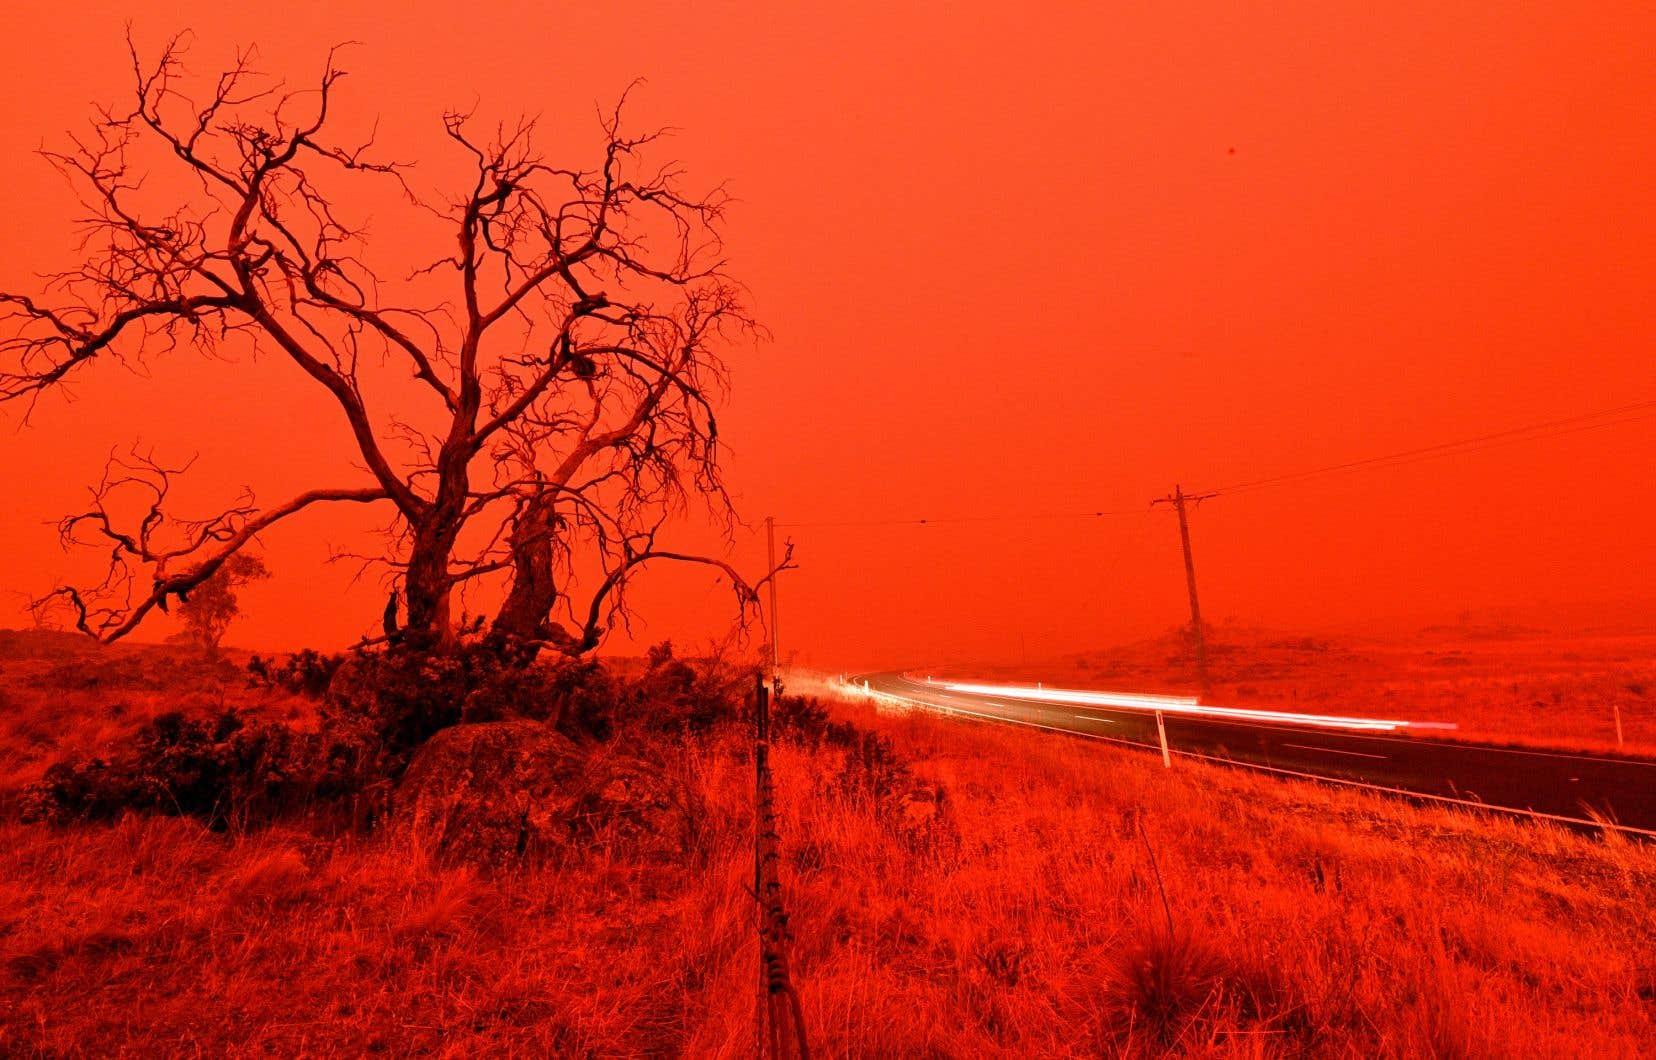 Dans d'autres médias australiens, les reportages et les chroniques en manchette alignent les références infernales pour faire comprendre la tragédie qui se joue dans l'Australie ignée «où le jour ressemble à la nuit», avec des flammes dépassant les 50 mètres.